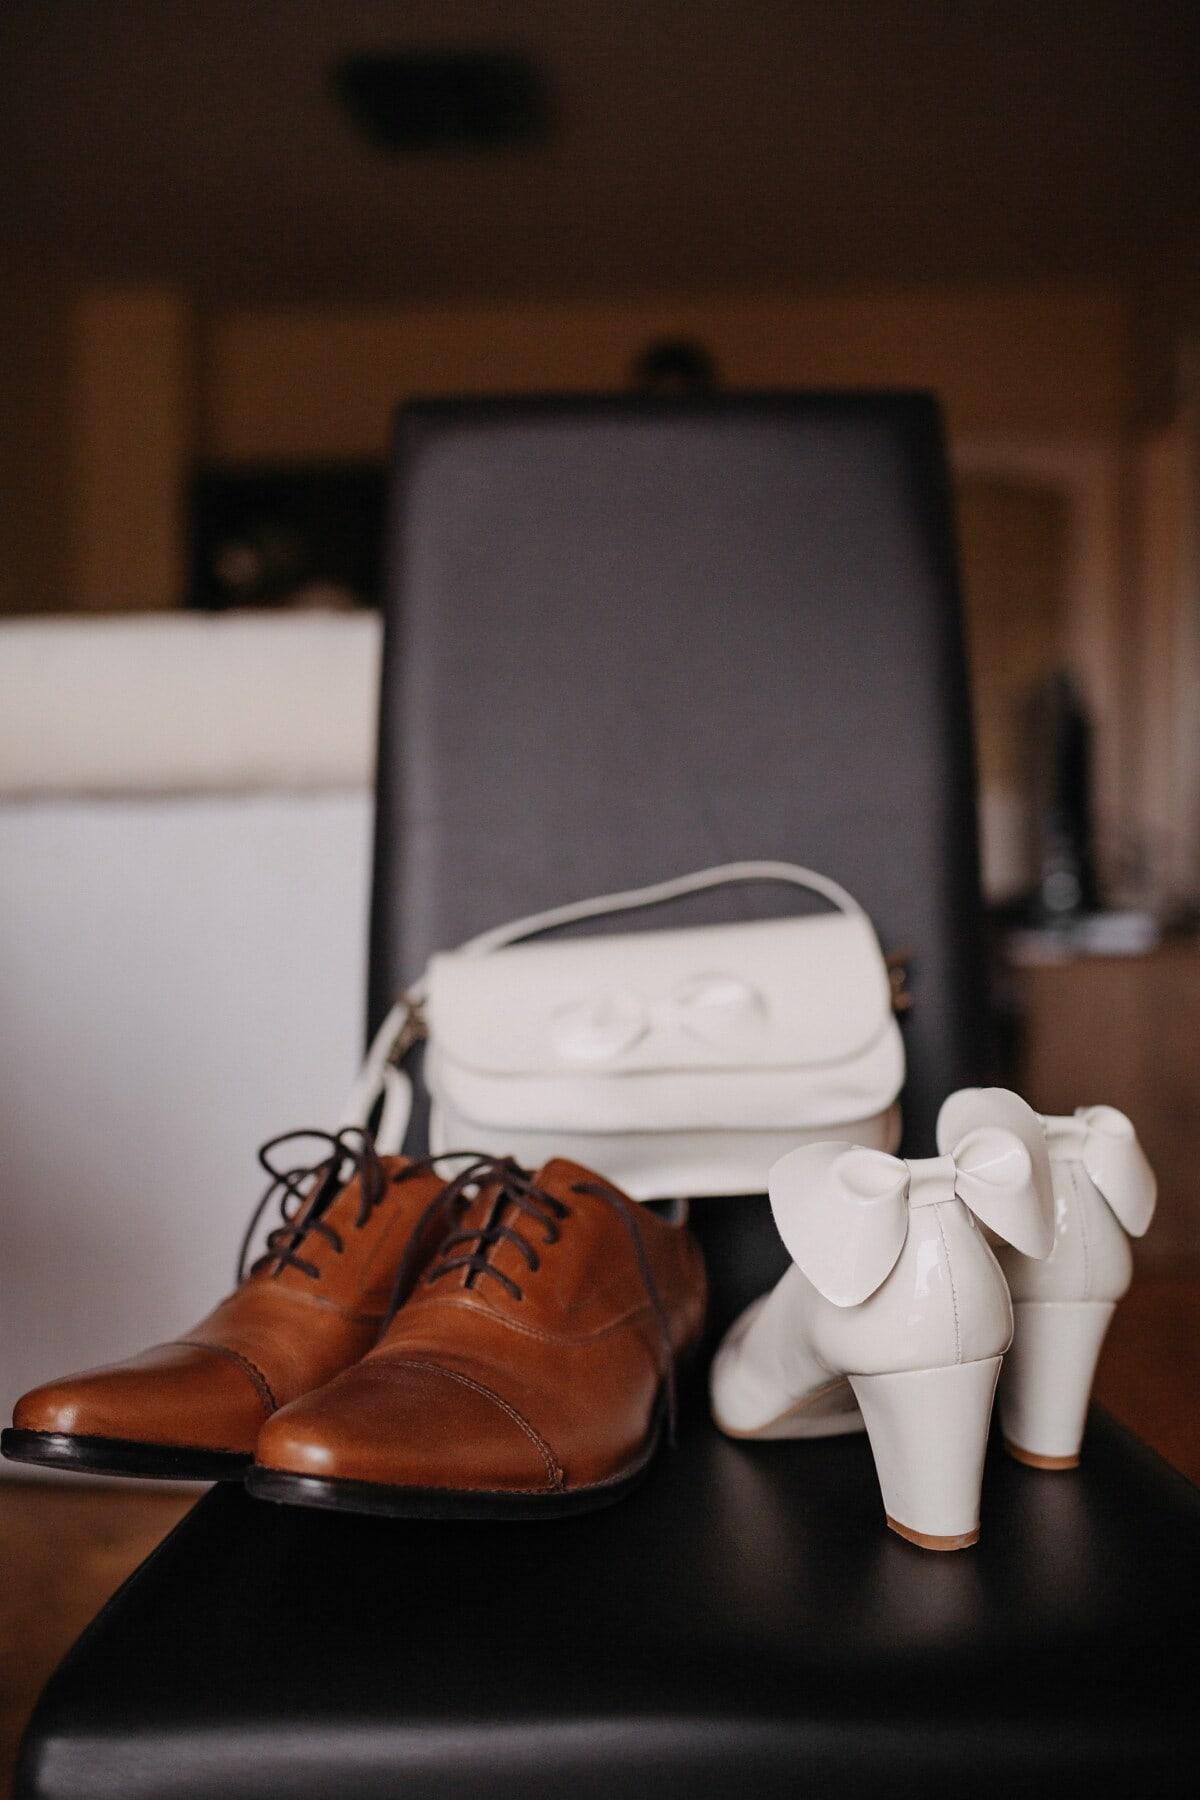 Leder, Schuhe, hellbraun, Sandale, Mode, Schuh, Schuhe, paar, Still-Leben, Sitz